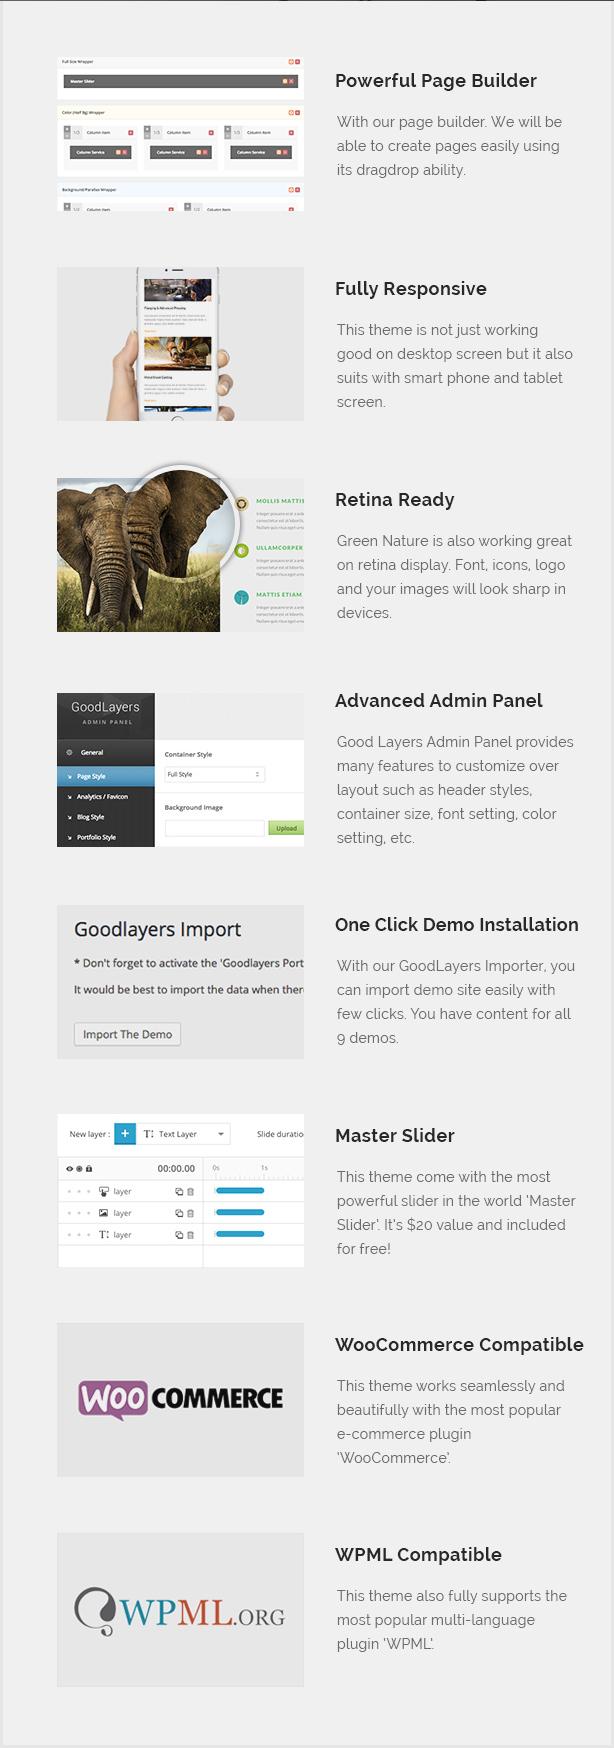 الطبيعة الخضراء - البيئة / WordPress غير الربحية - 2